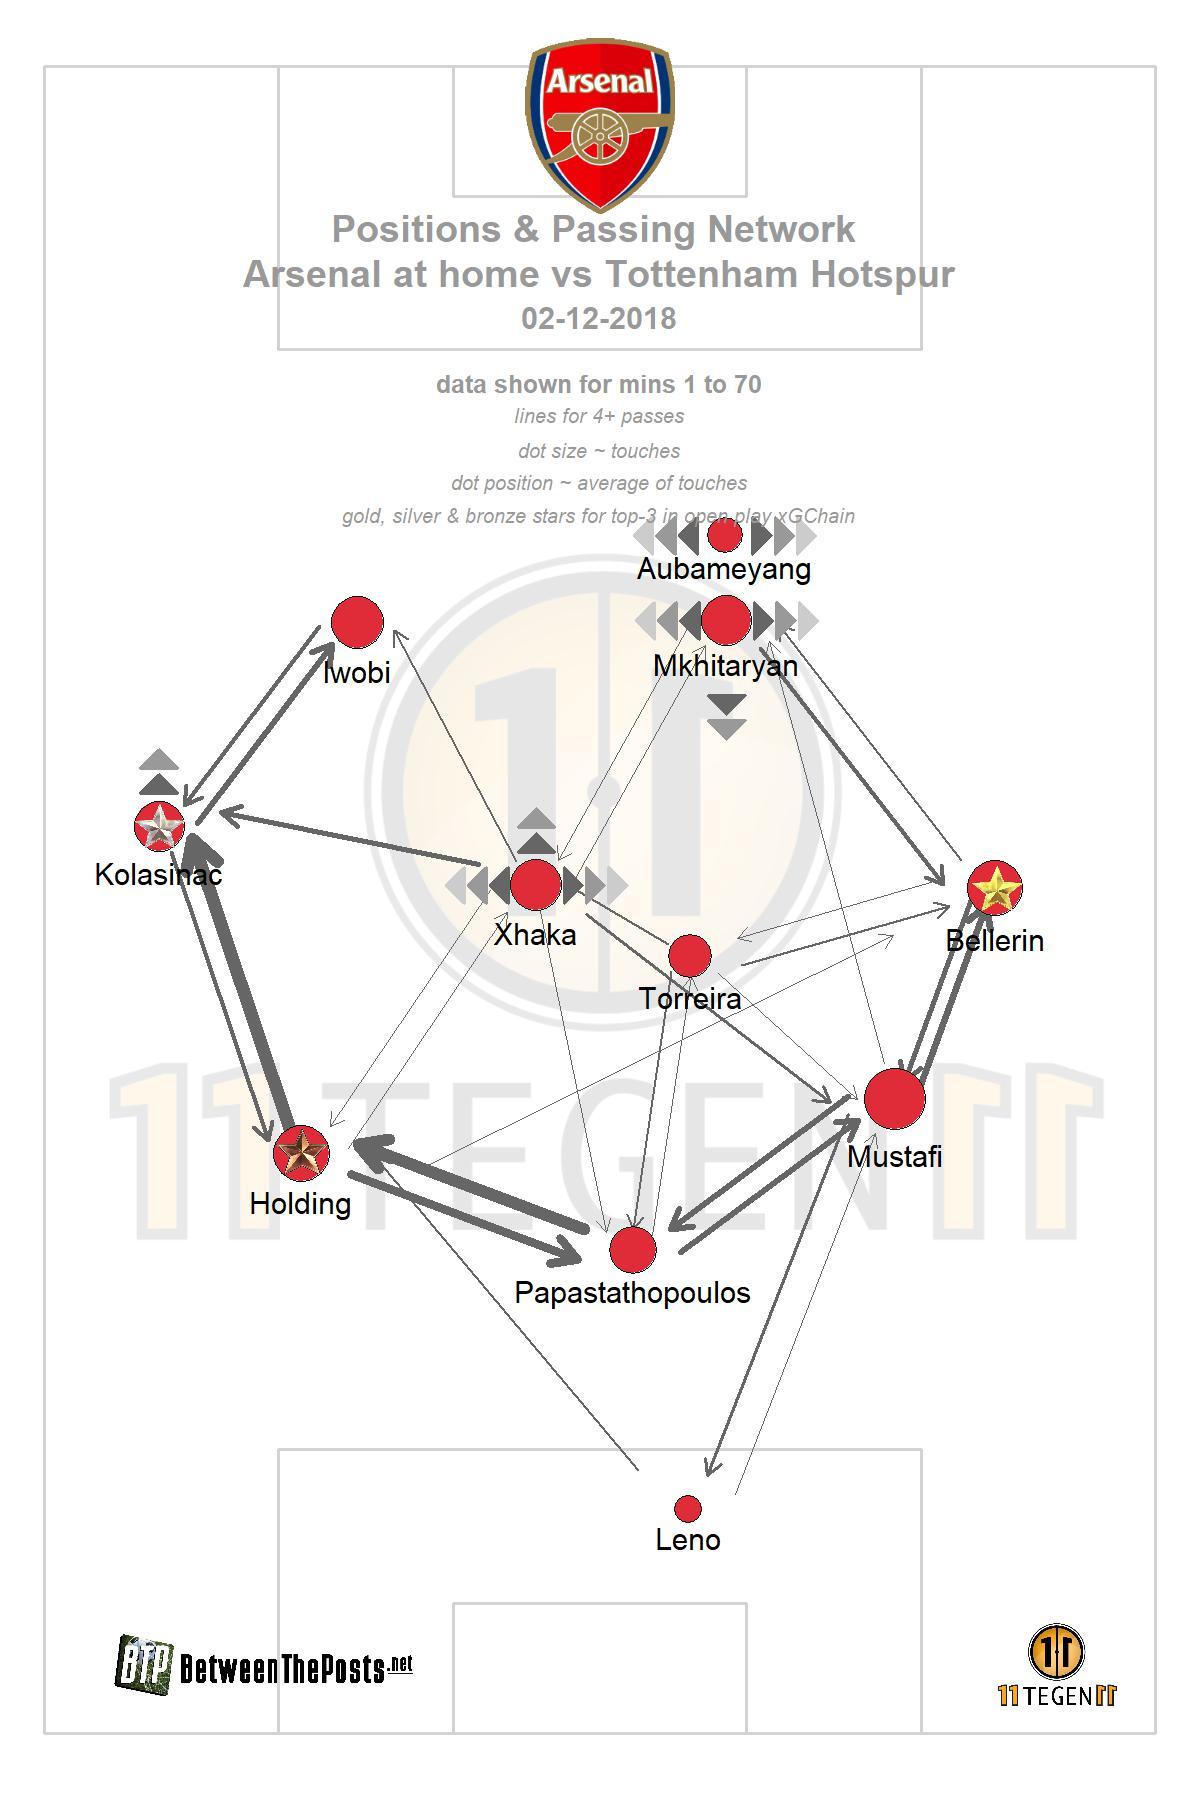 Passmap Arsenal - Tottenham Hotspur 4-2